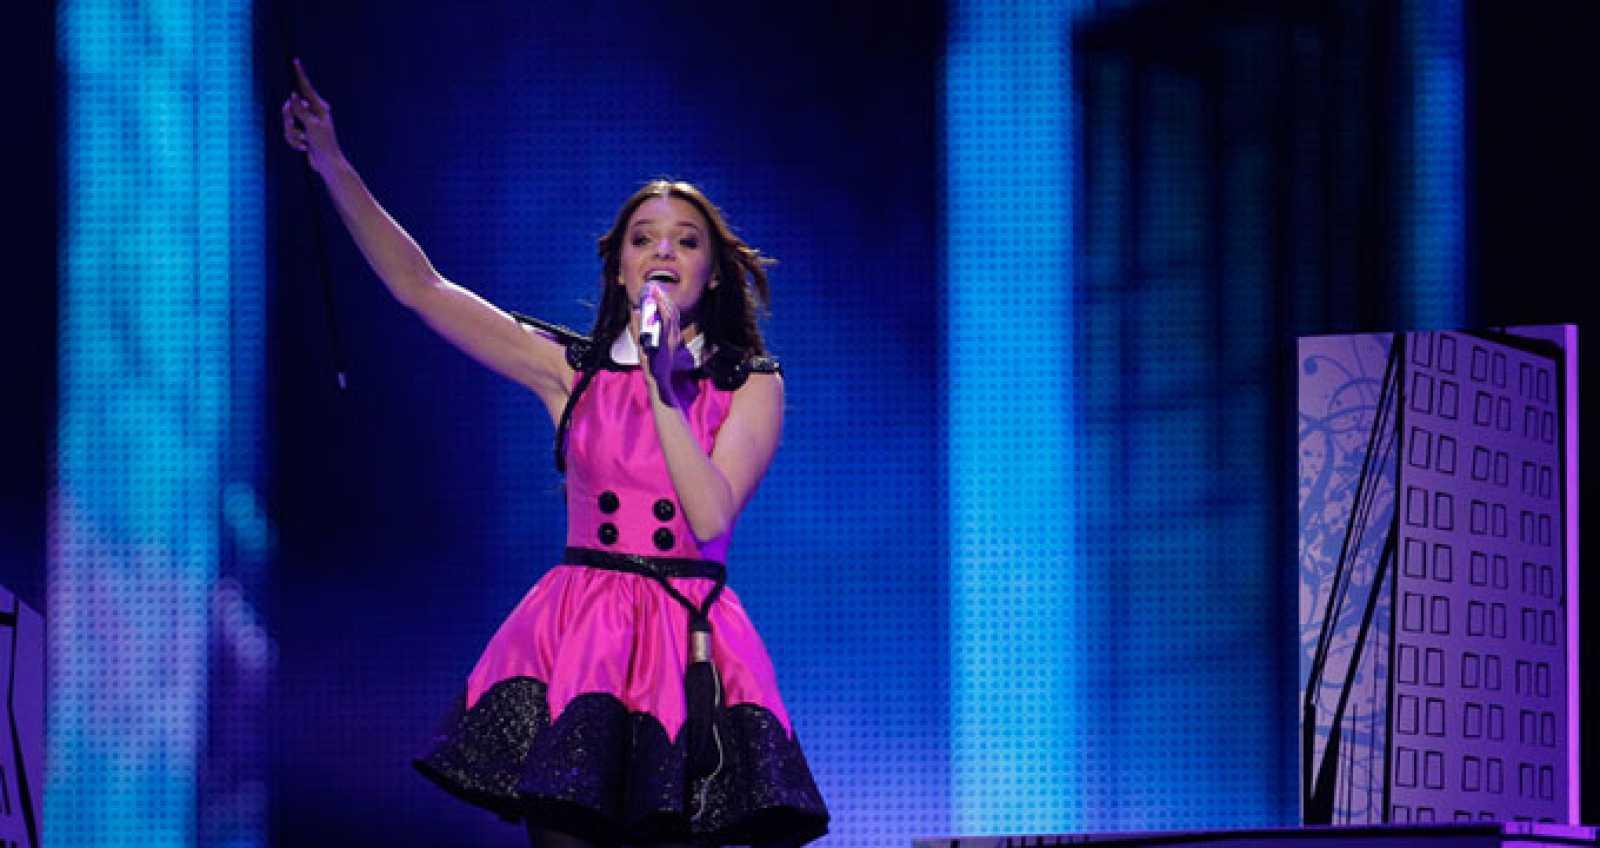 Eurovisión 2011 - 2ª semifinal - Estonia